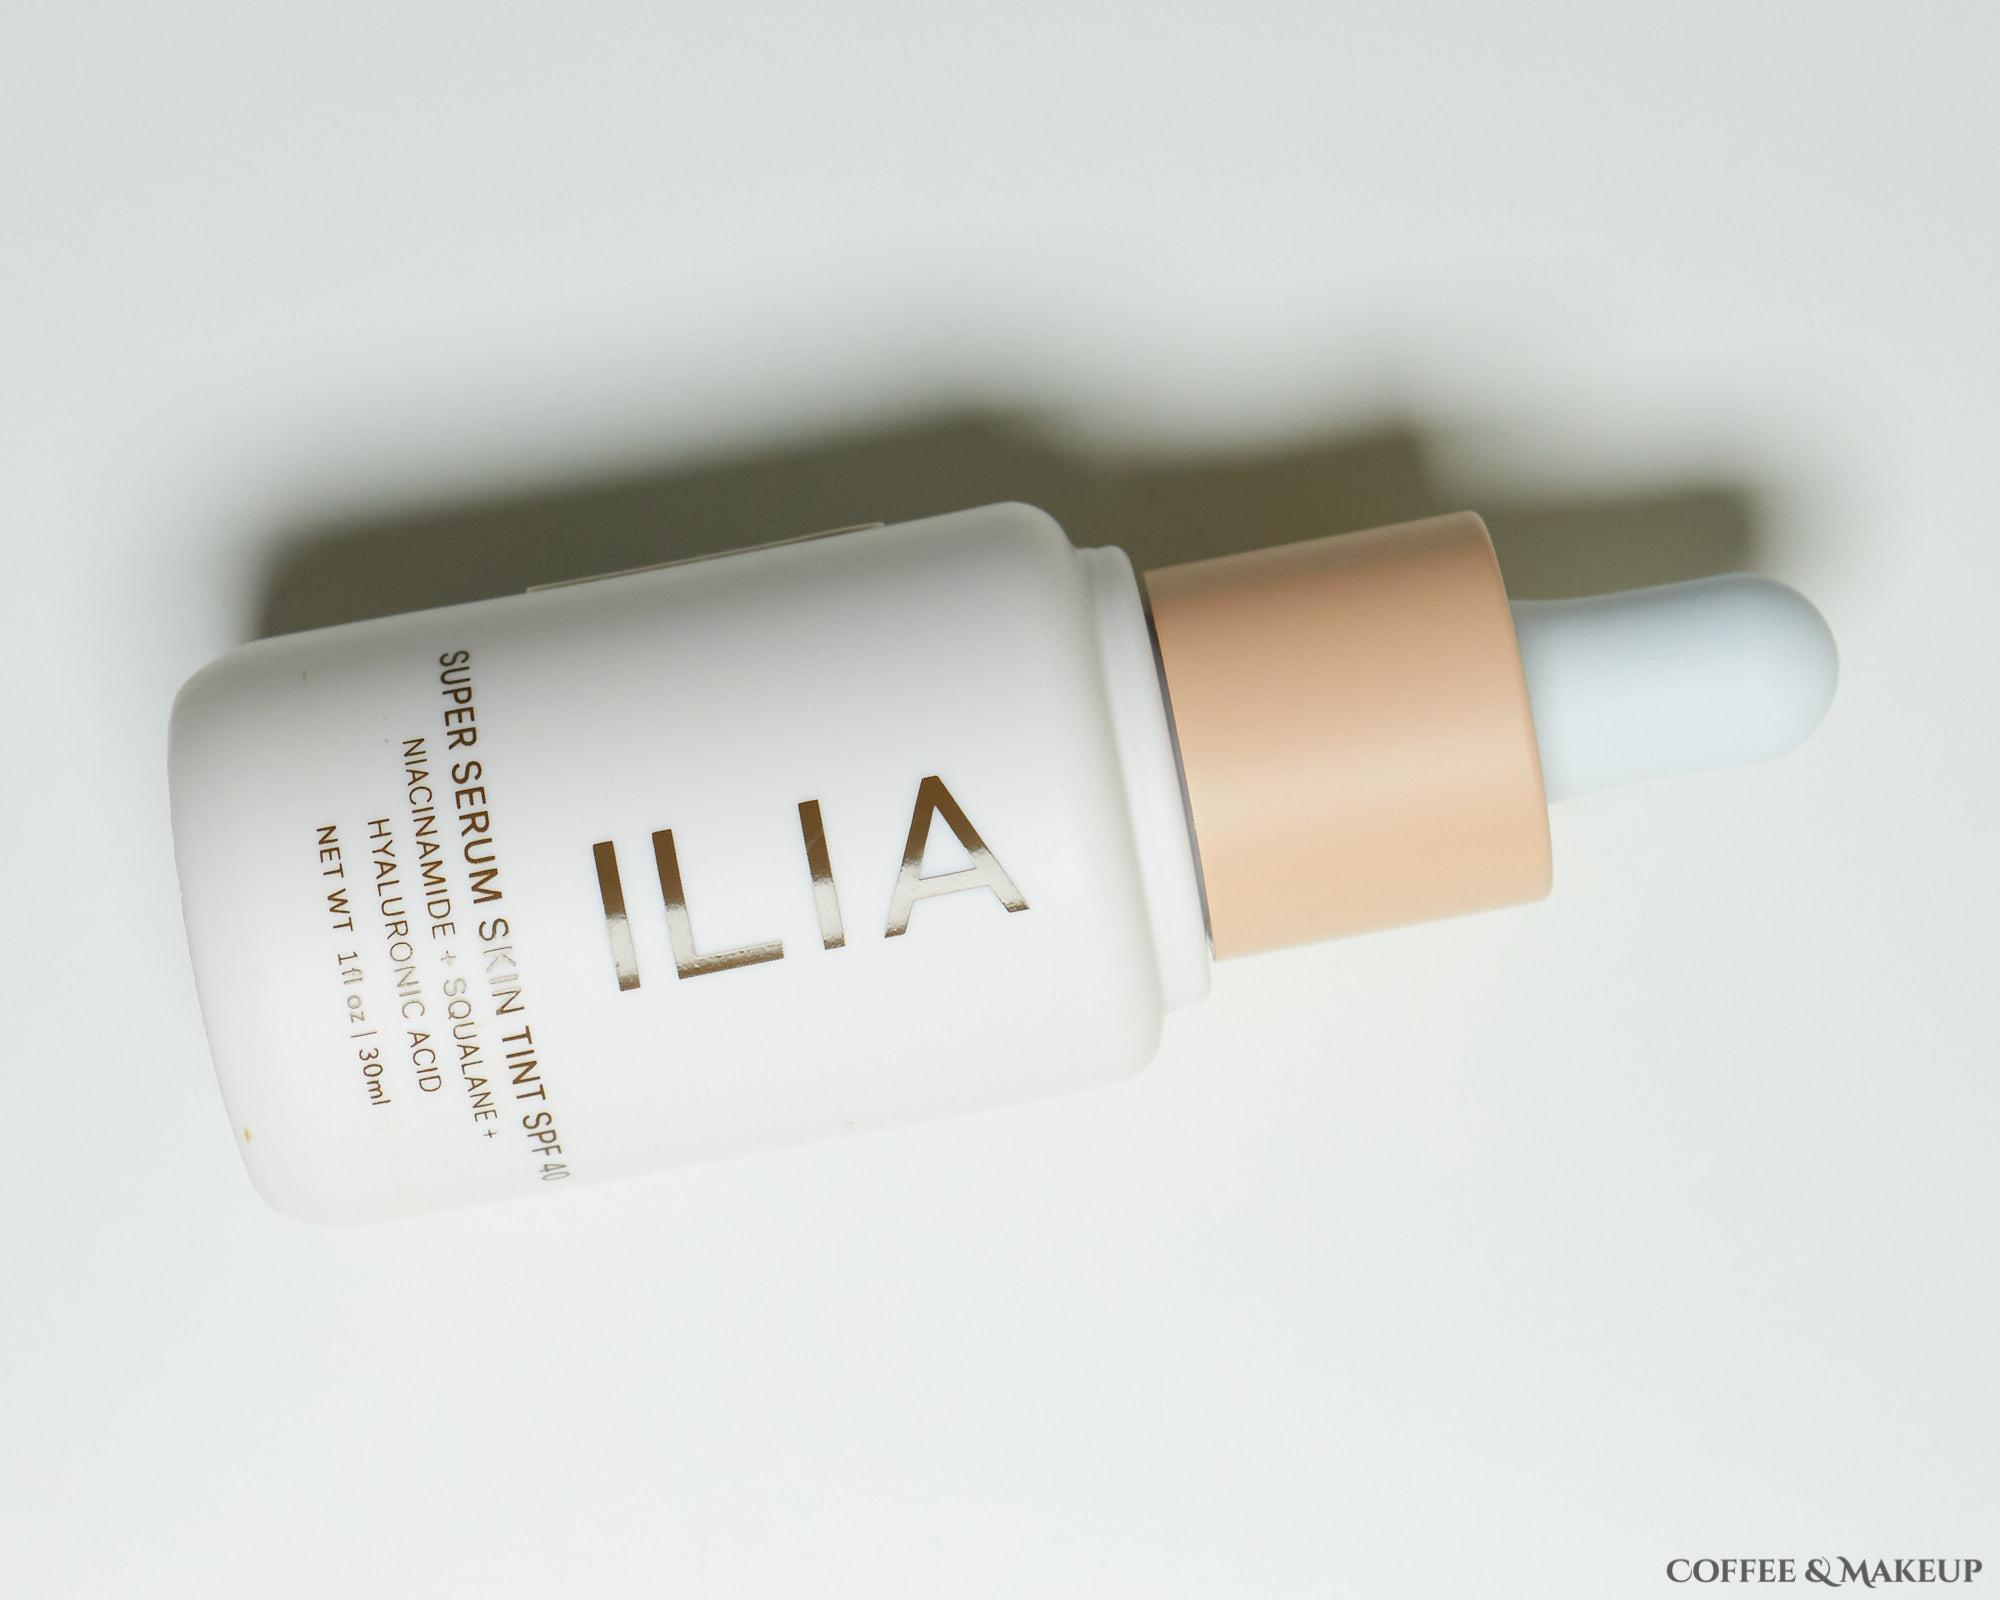 Ilia Super Serum Skin Tint SPF 40